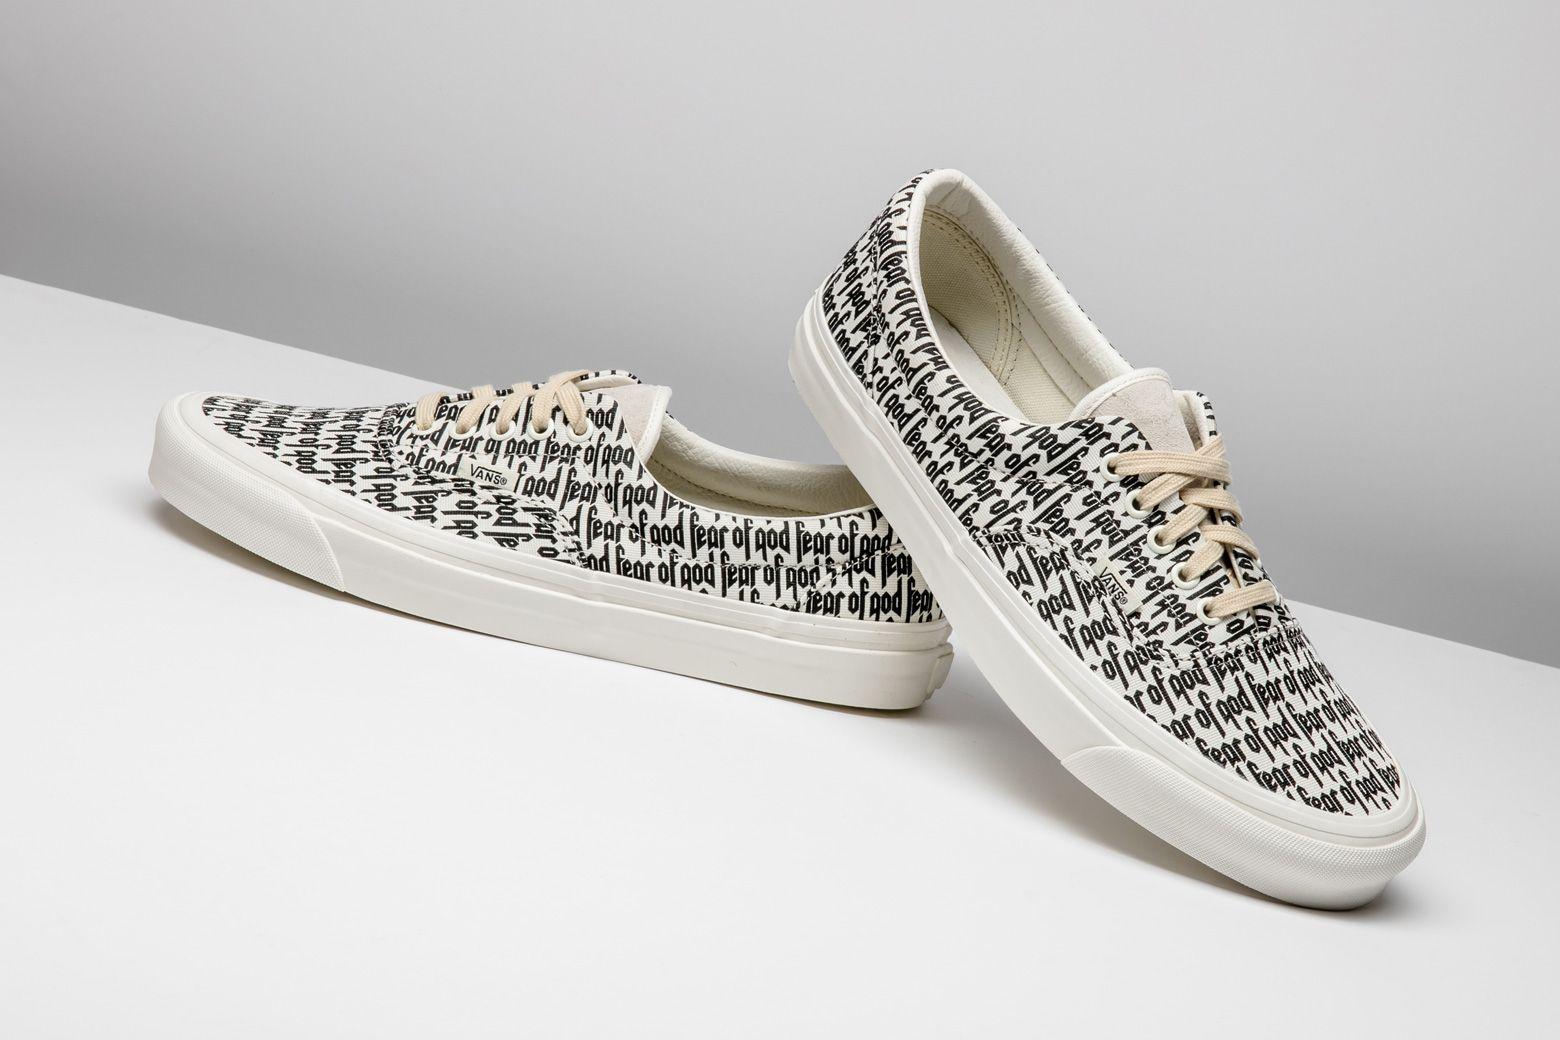 Vans Era 95 Reissue Fog Fear Of God 4000328260 In 2020 Vans Vans Sneakers Me Too Shoes